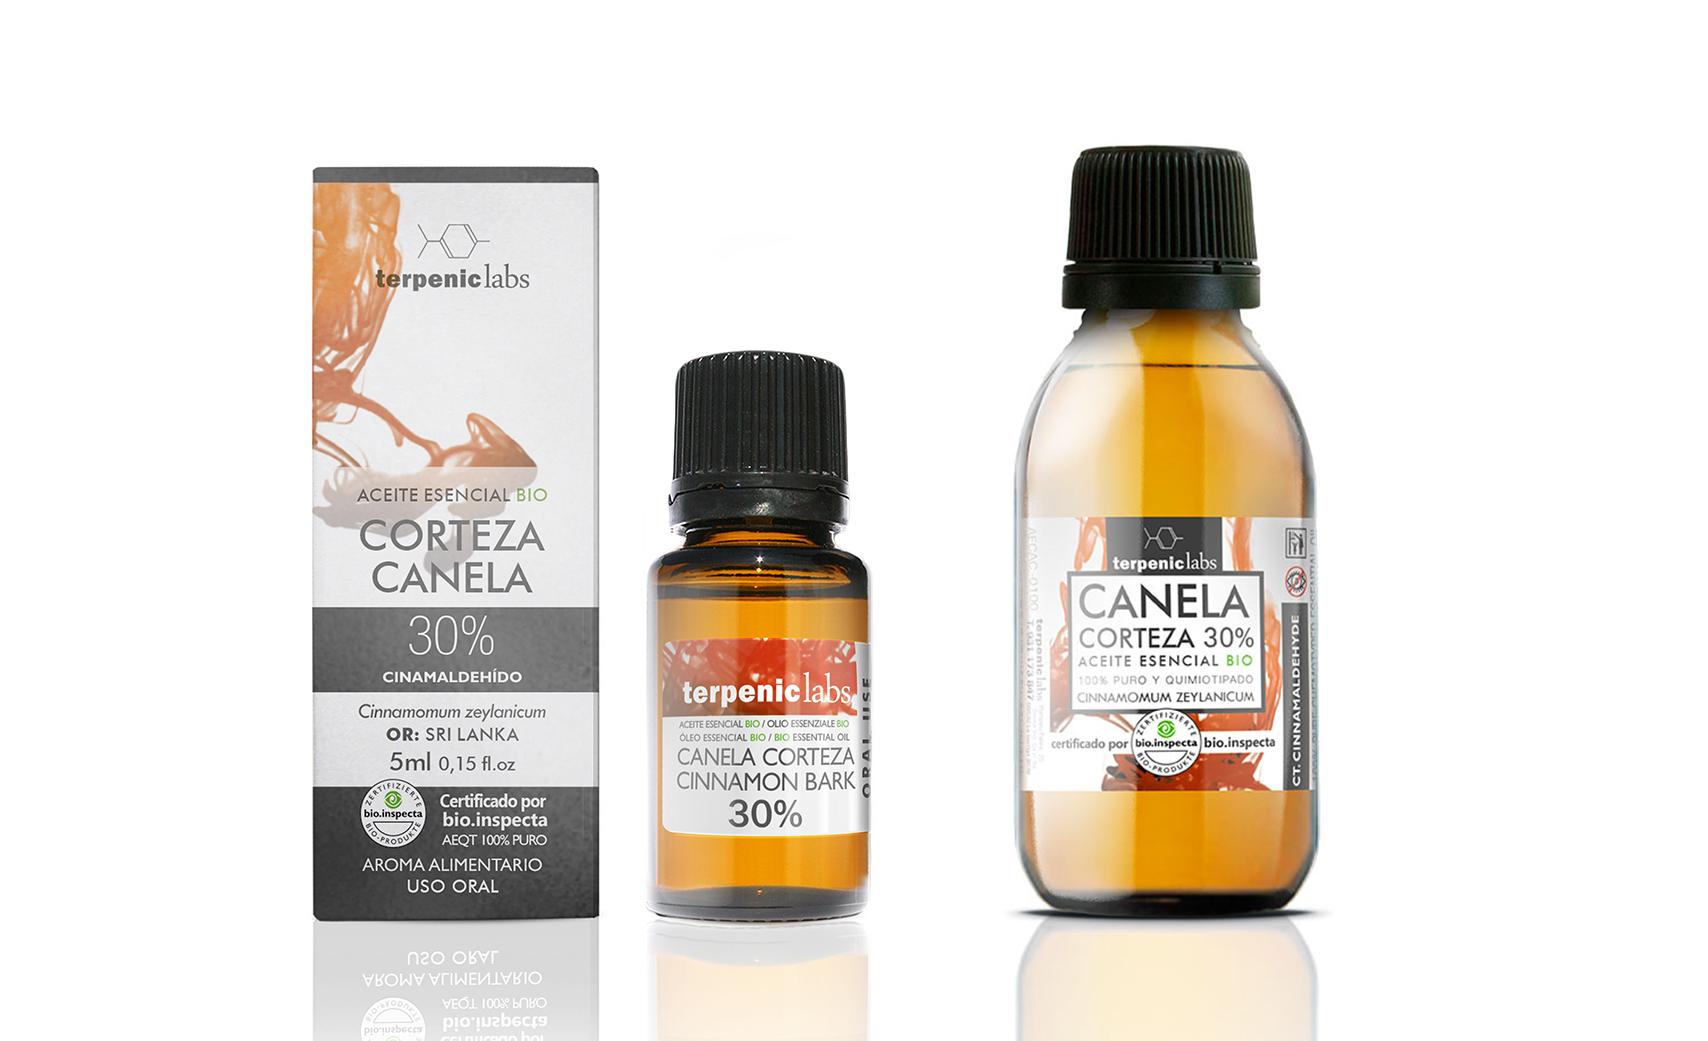 Canela Corteza 30% - Aceite Esencial